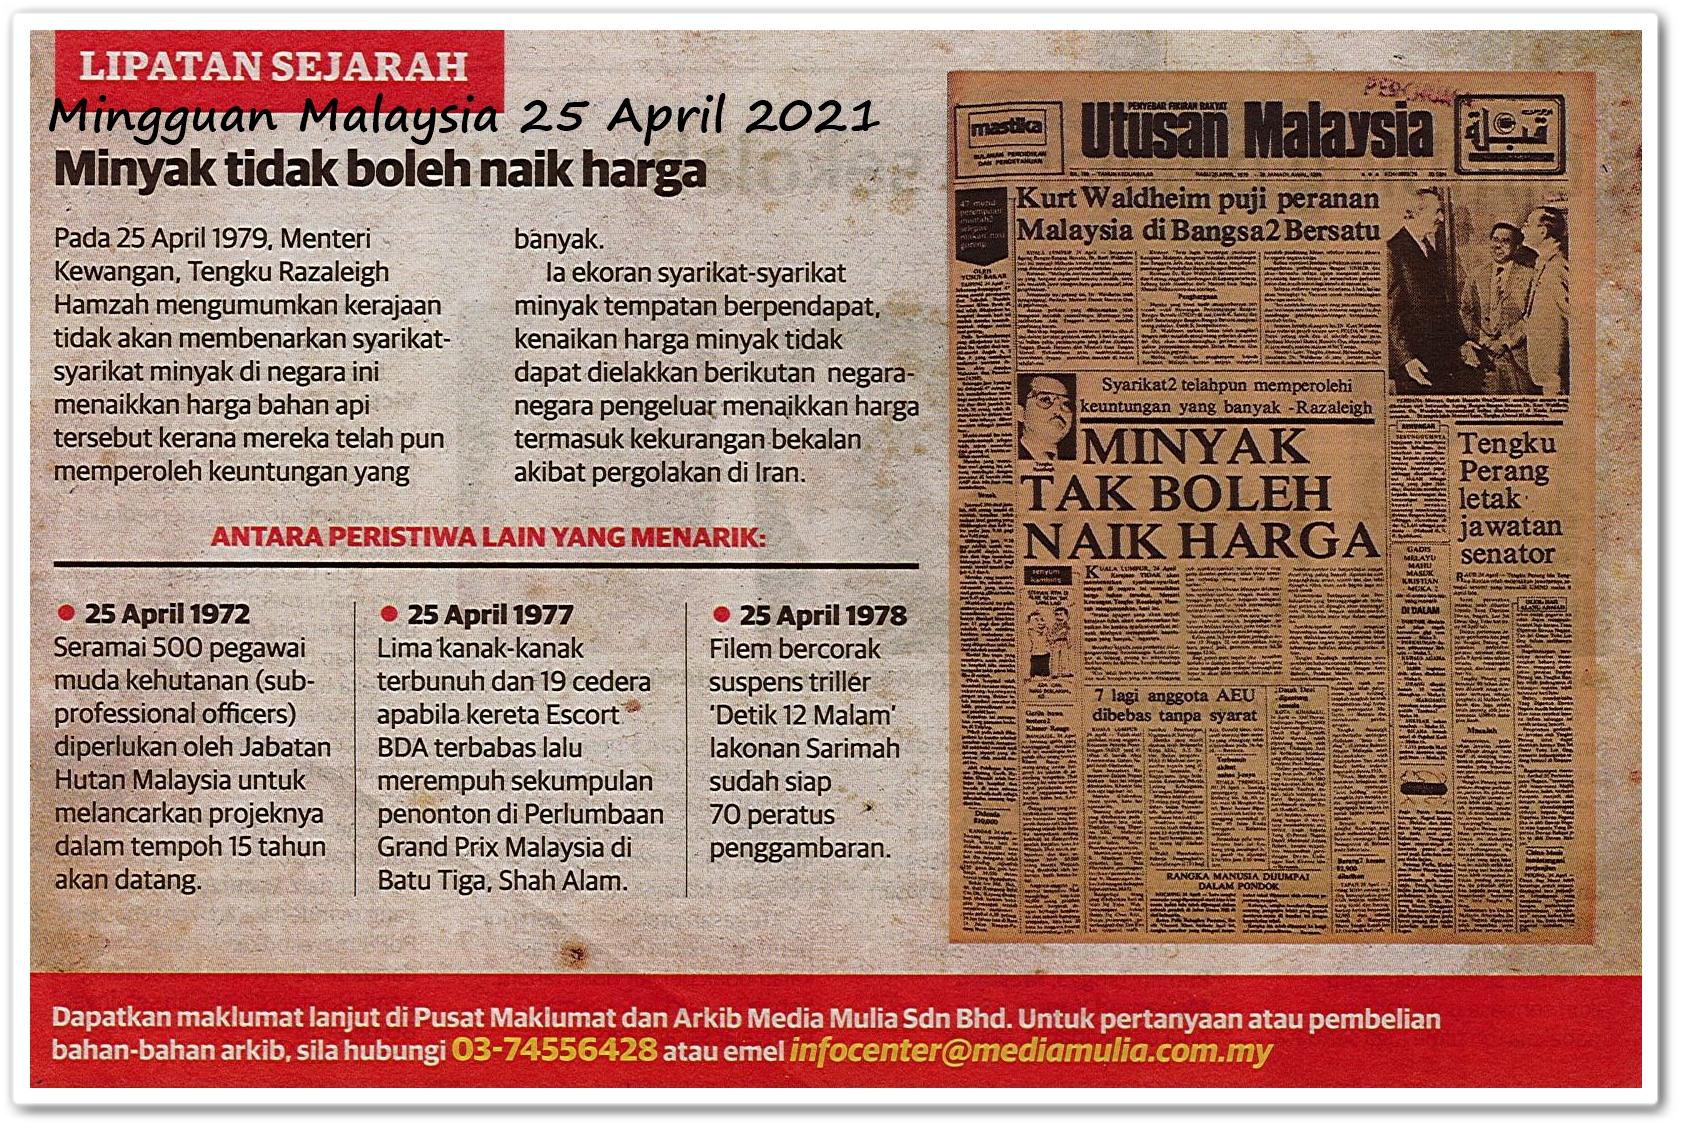 Lipatan sejarah 25 April 2021 - Keratan akhbar Mingguan Malaysia 25 April 2021